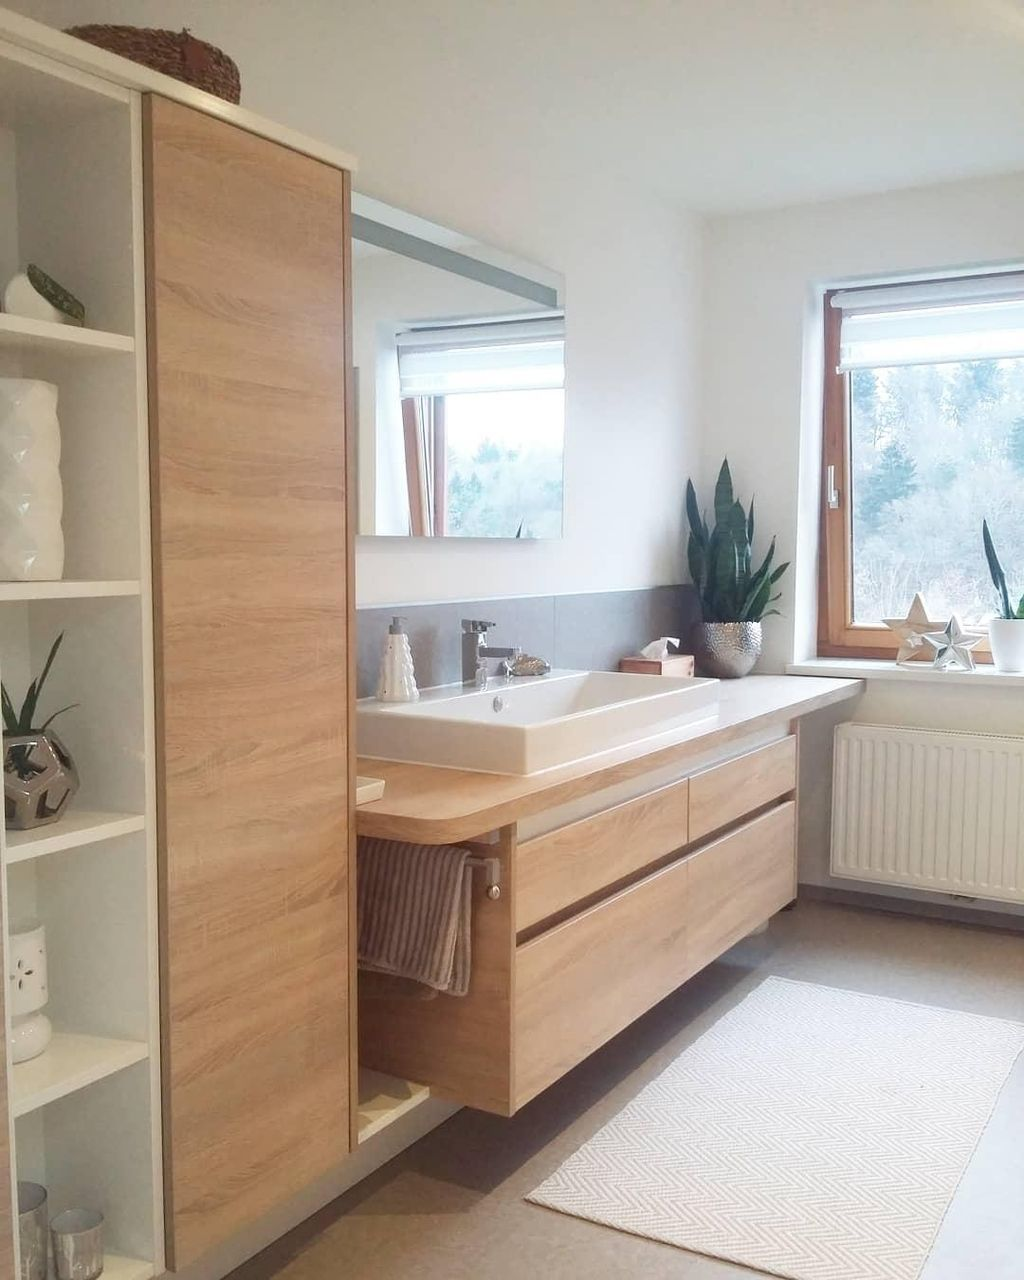 Badezimmer Badmobel Badezimmermobel Badmobel Set Spiegelschrank Bad Badezimmerschrank Badspie In 2020 Bathroom Furnishings Bathroom Inspiration Bathroom Interior